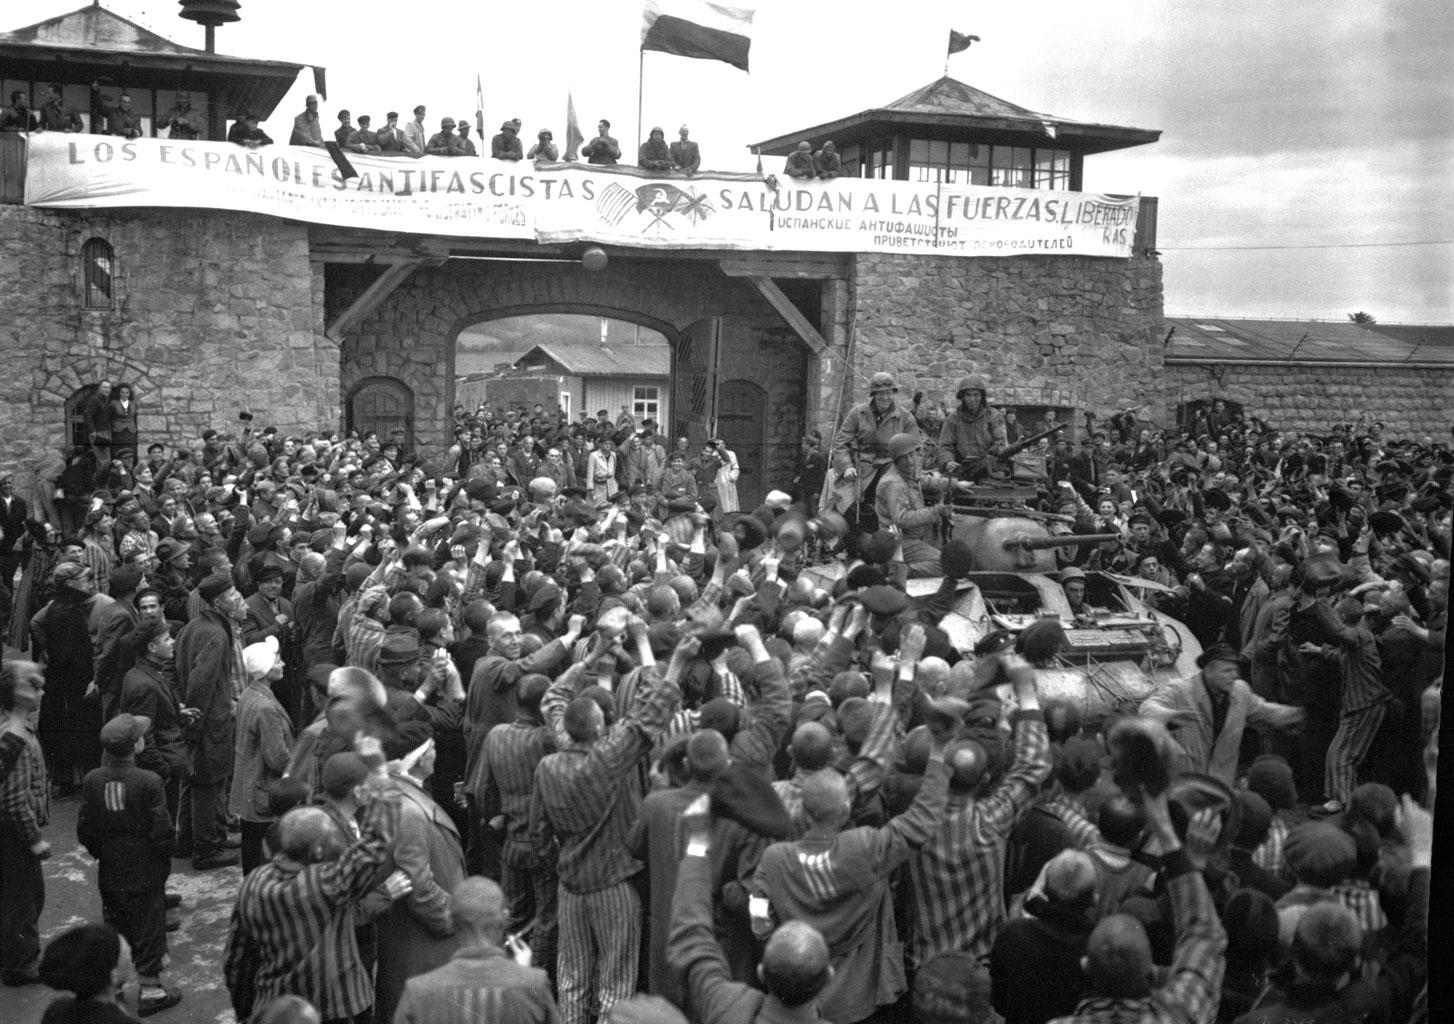 Ebrei nella seconda guerra mondiale - Nel corso della Seconda guerra mondiale vengono uccisi circa 6 milioni di ebrei. Questa foto mostra invece la liberazione del campo di Mauthausen